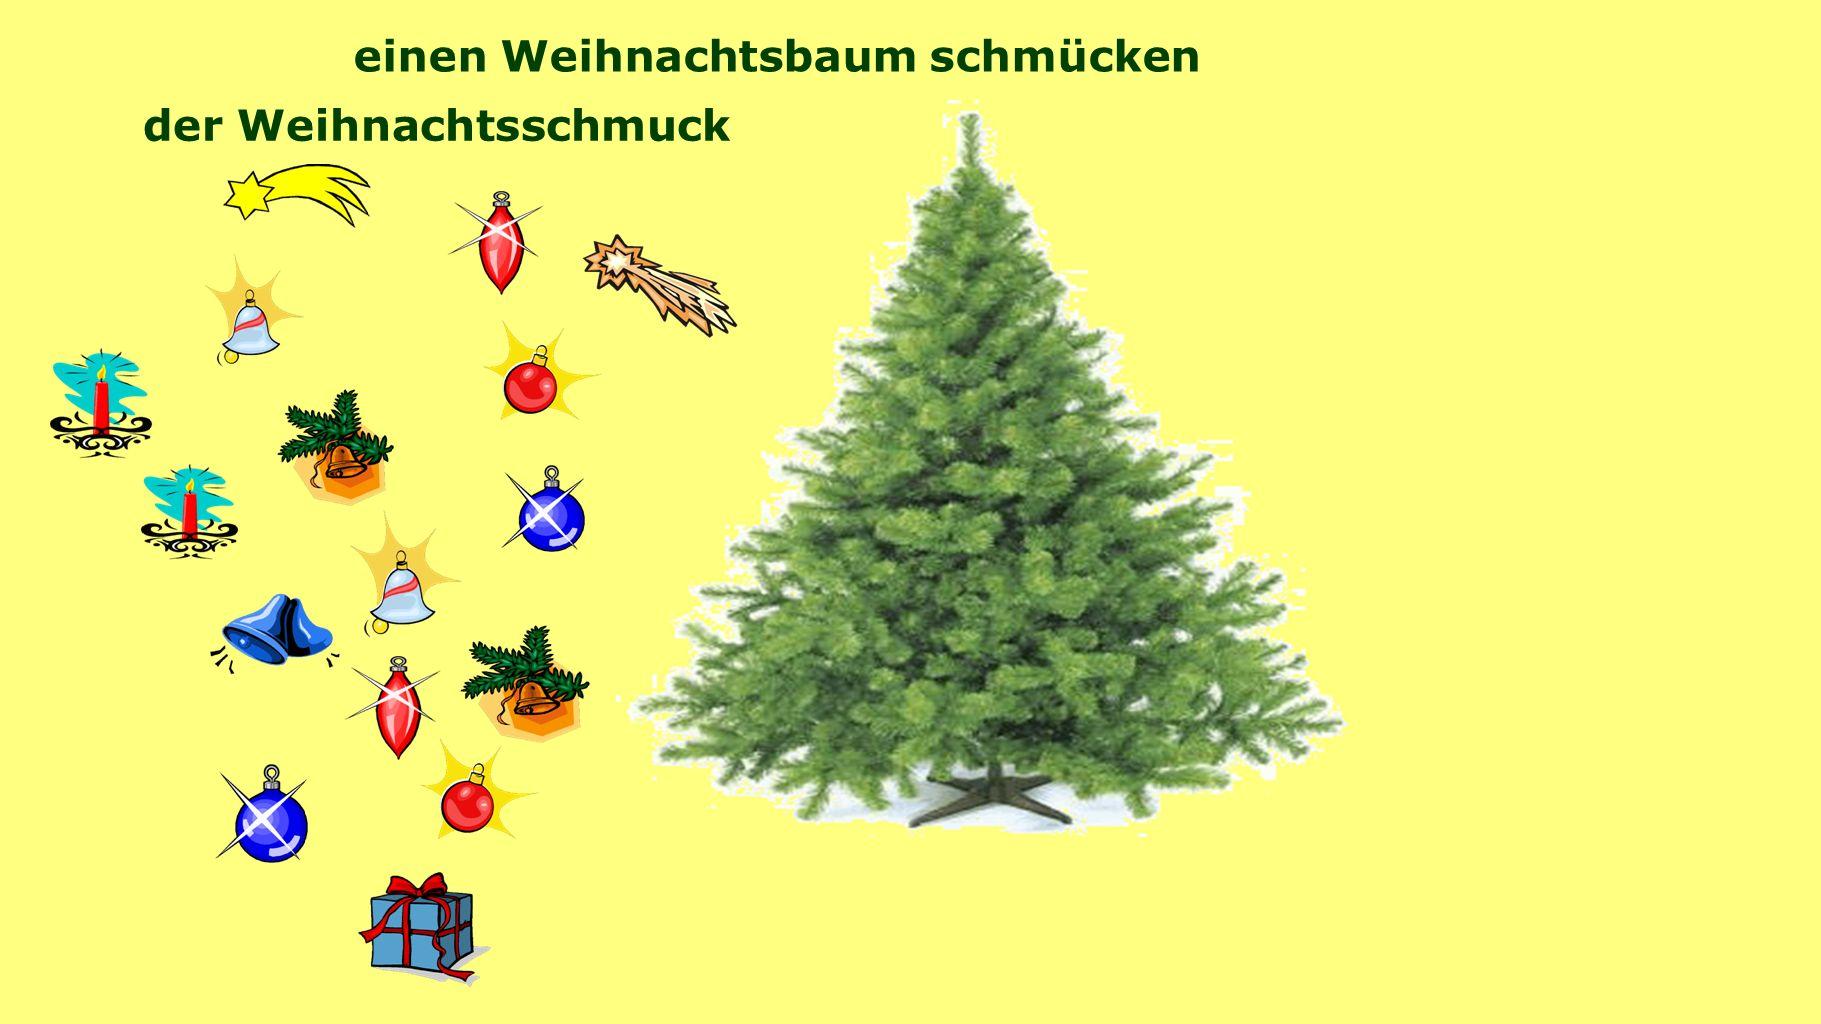 einen Weihnachtsbaum schmücken